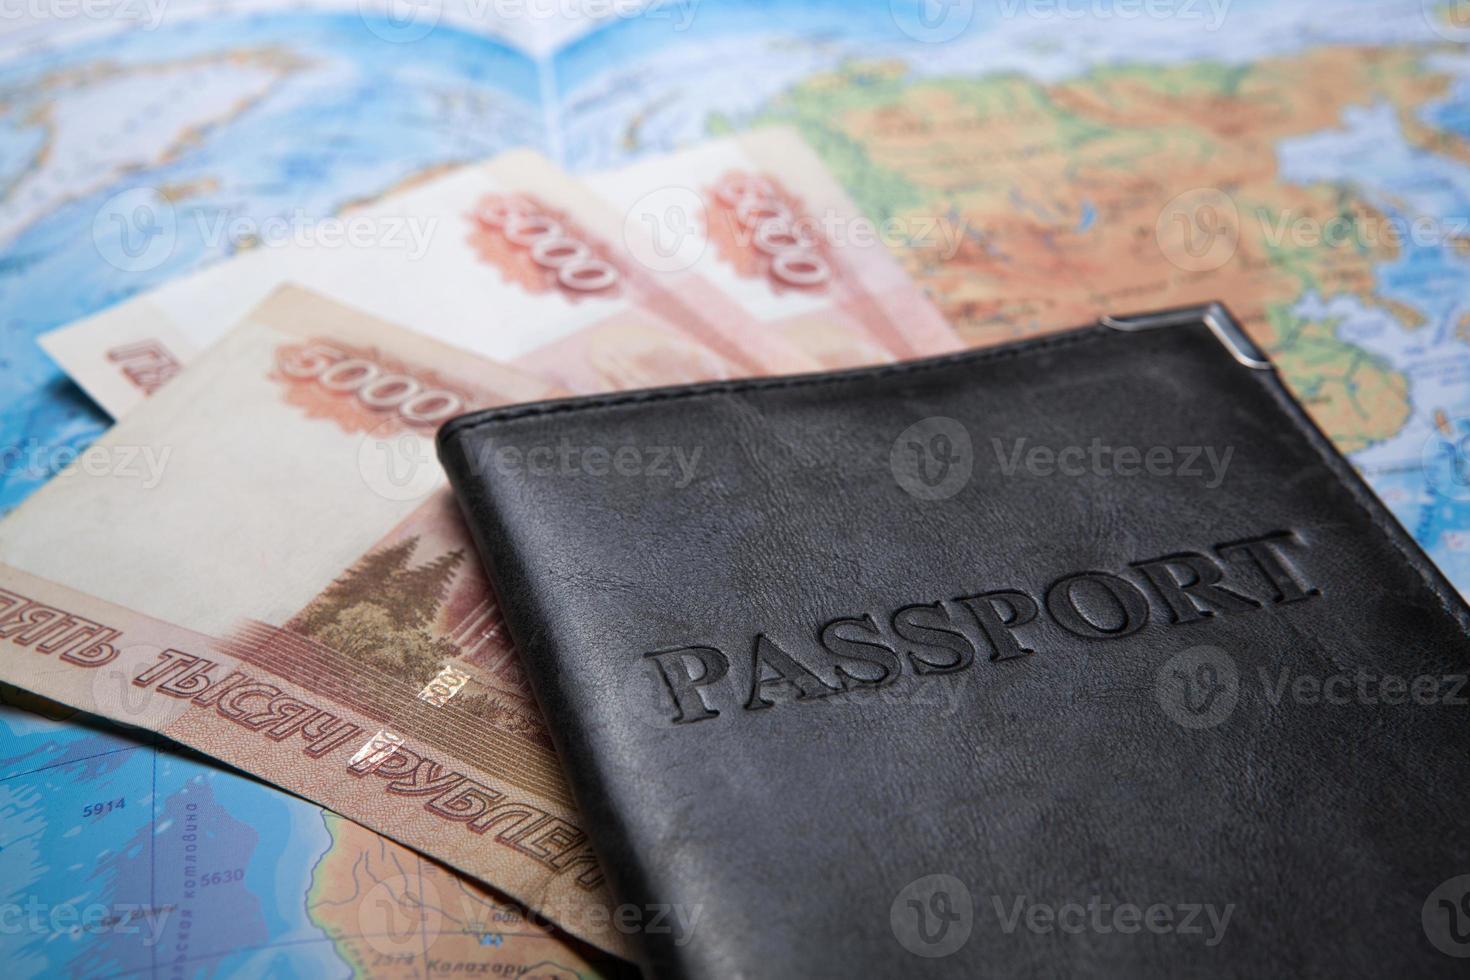 paspoort in de tas op een kaart met bankbiljetten foto